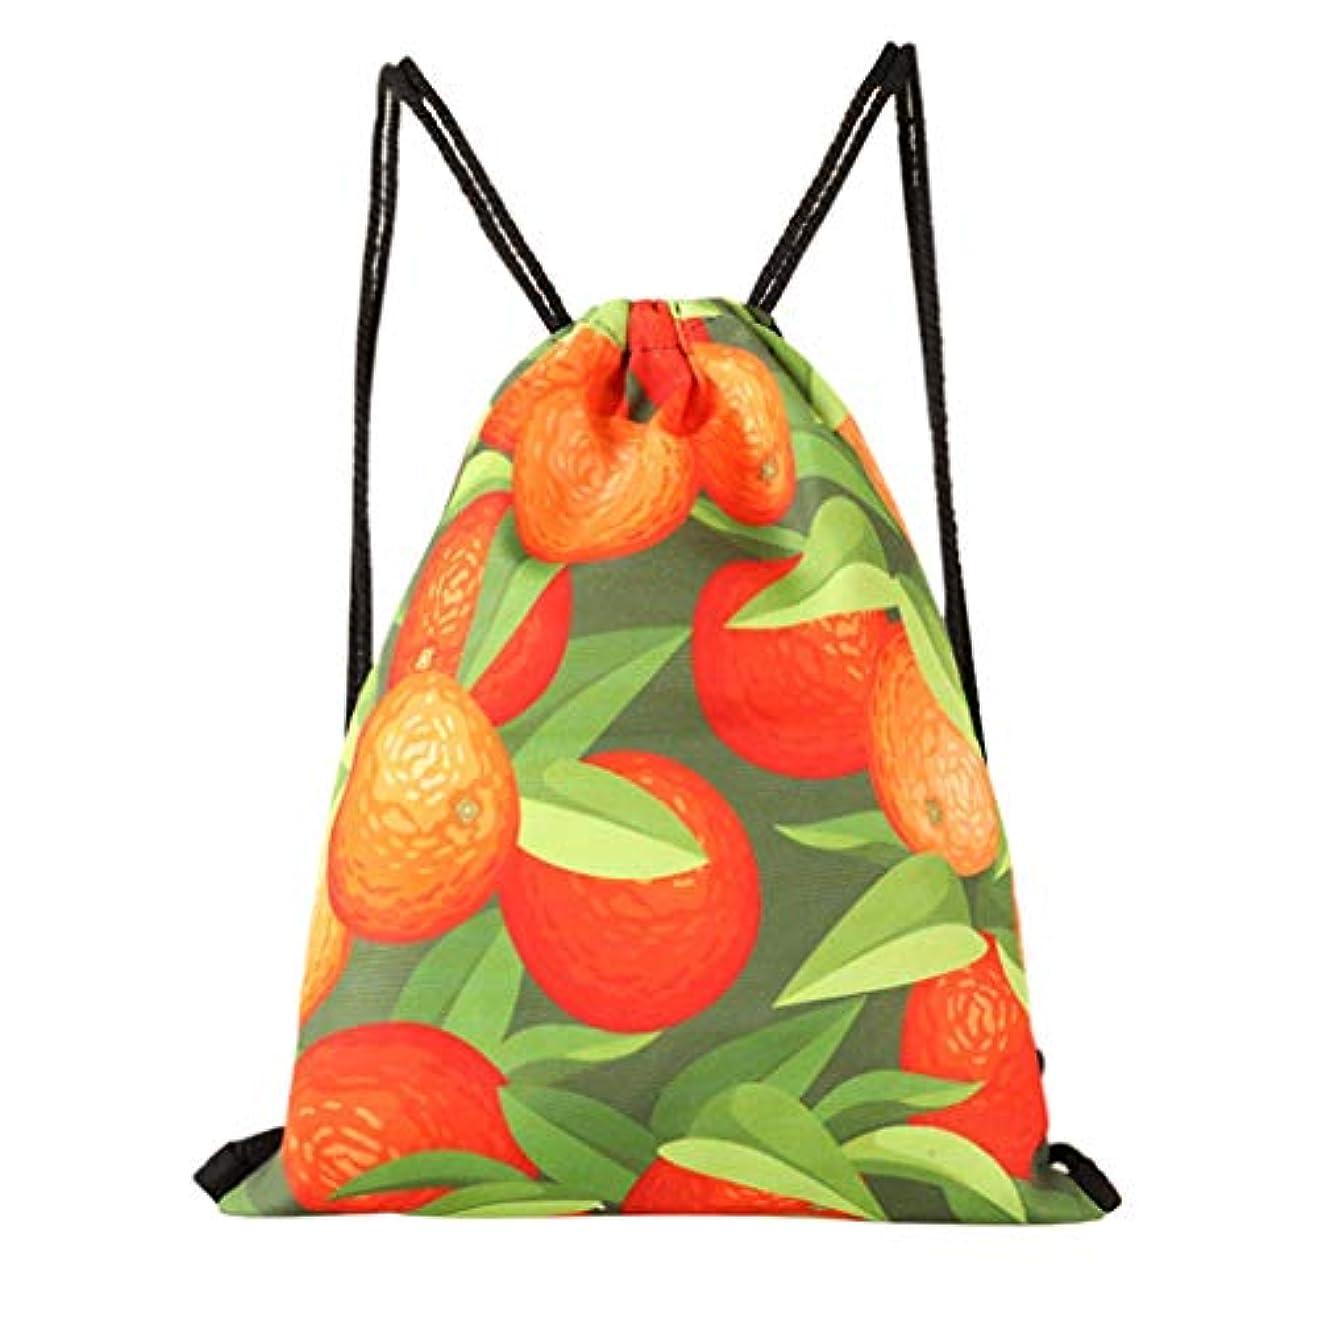 ミリメートル評価可能ストロークレディース女の子カジュアルかわいいプリント巾着バックパック旅行キャンプ軽量大容量ストレージバックパックスクールランチペンシルケースバックパック